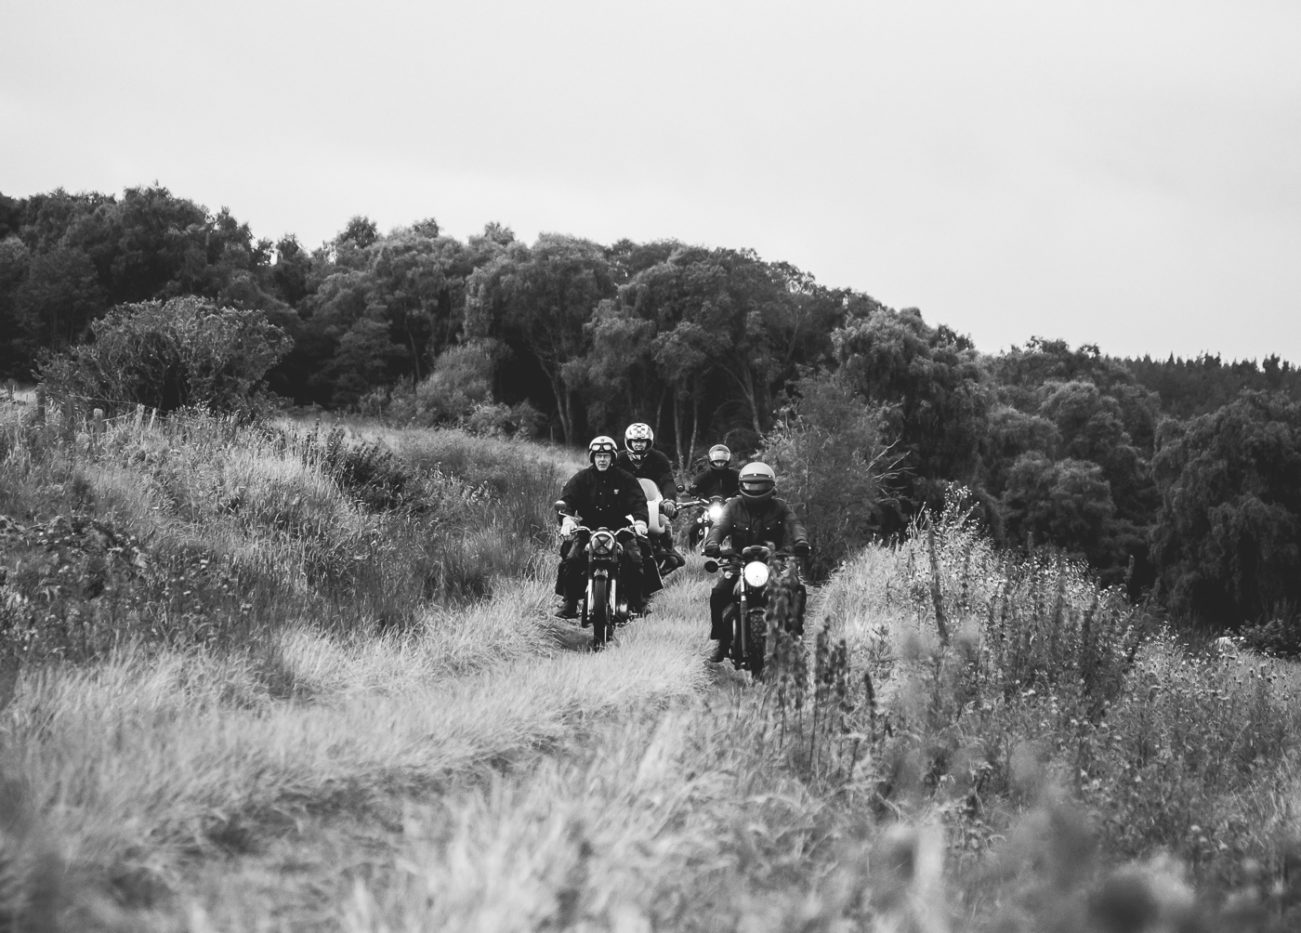 BikerBnB Motorcycle Road Trip